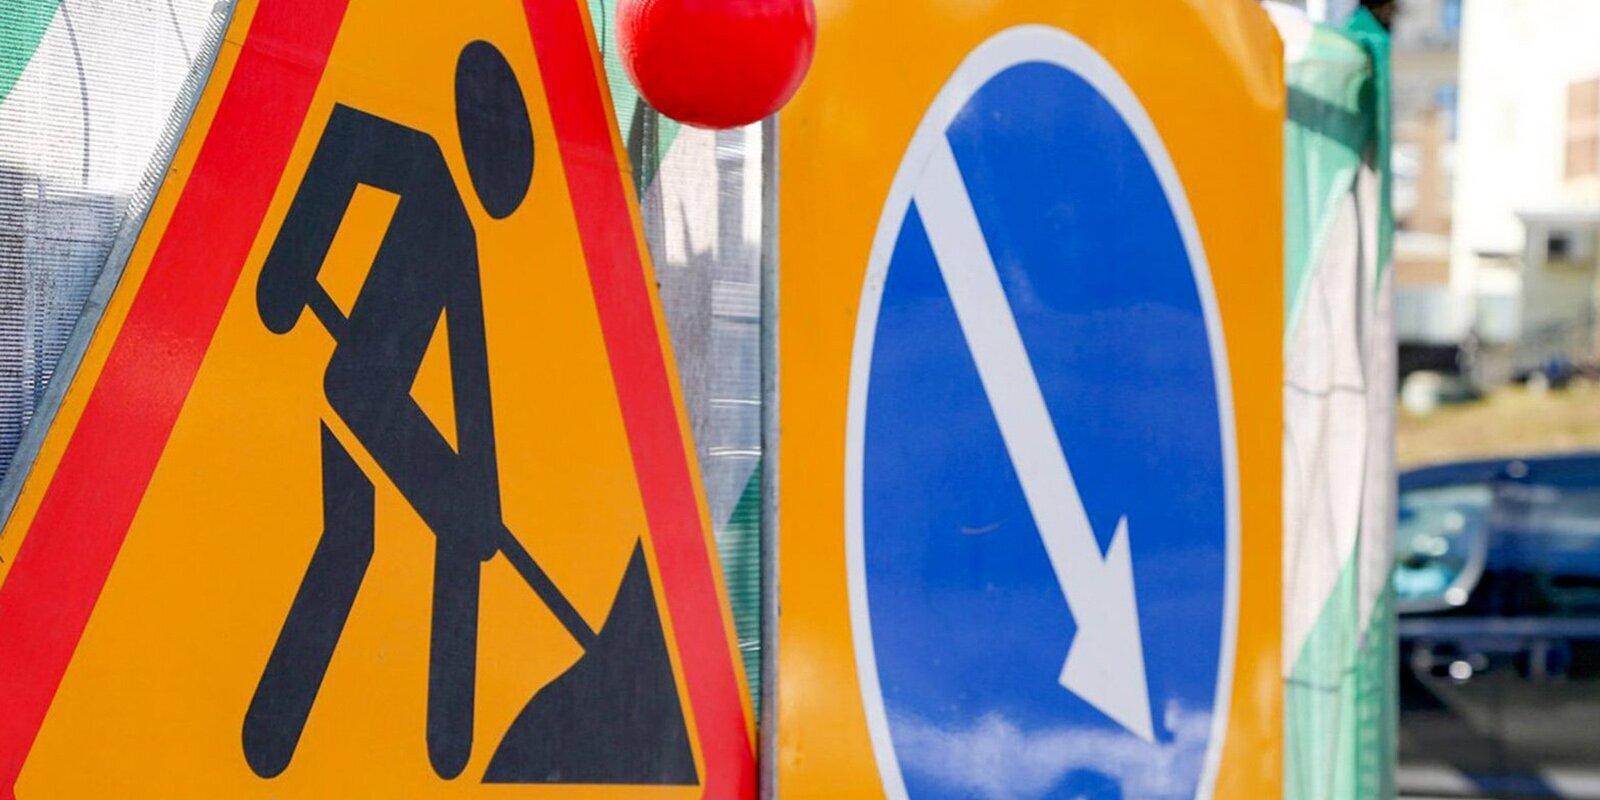 Движение на проспекте Андропова ограничили на десять месяцев